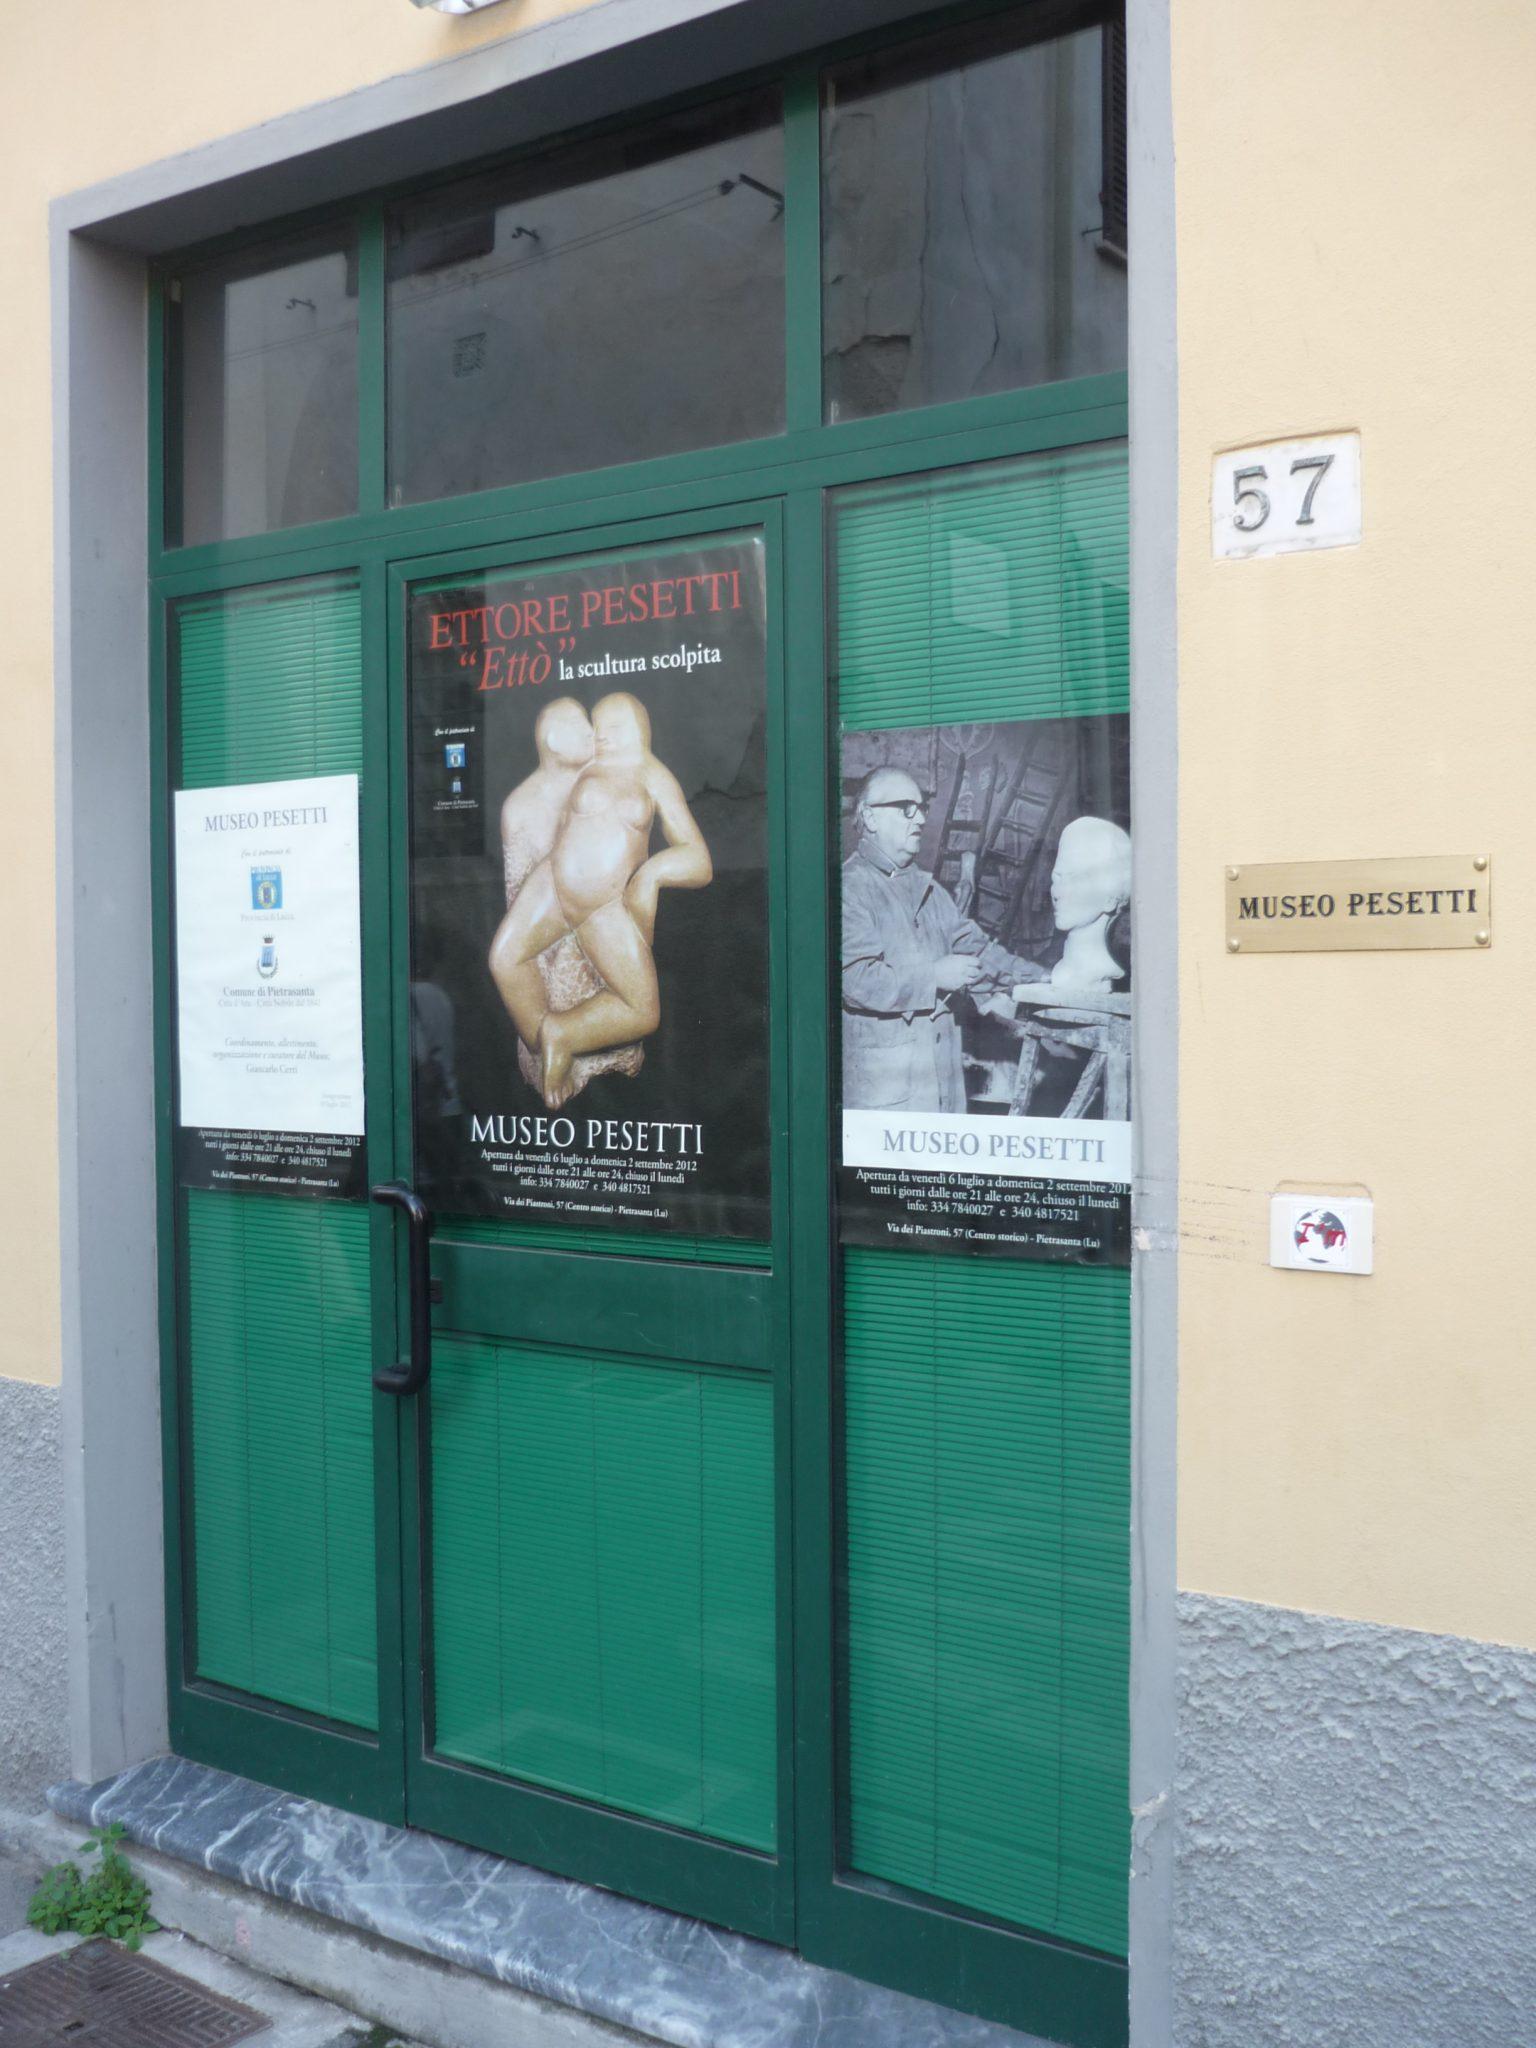 Museo Pesetti